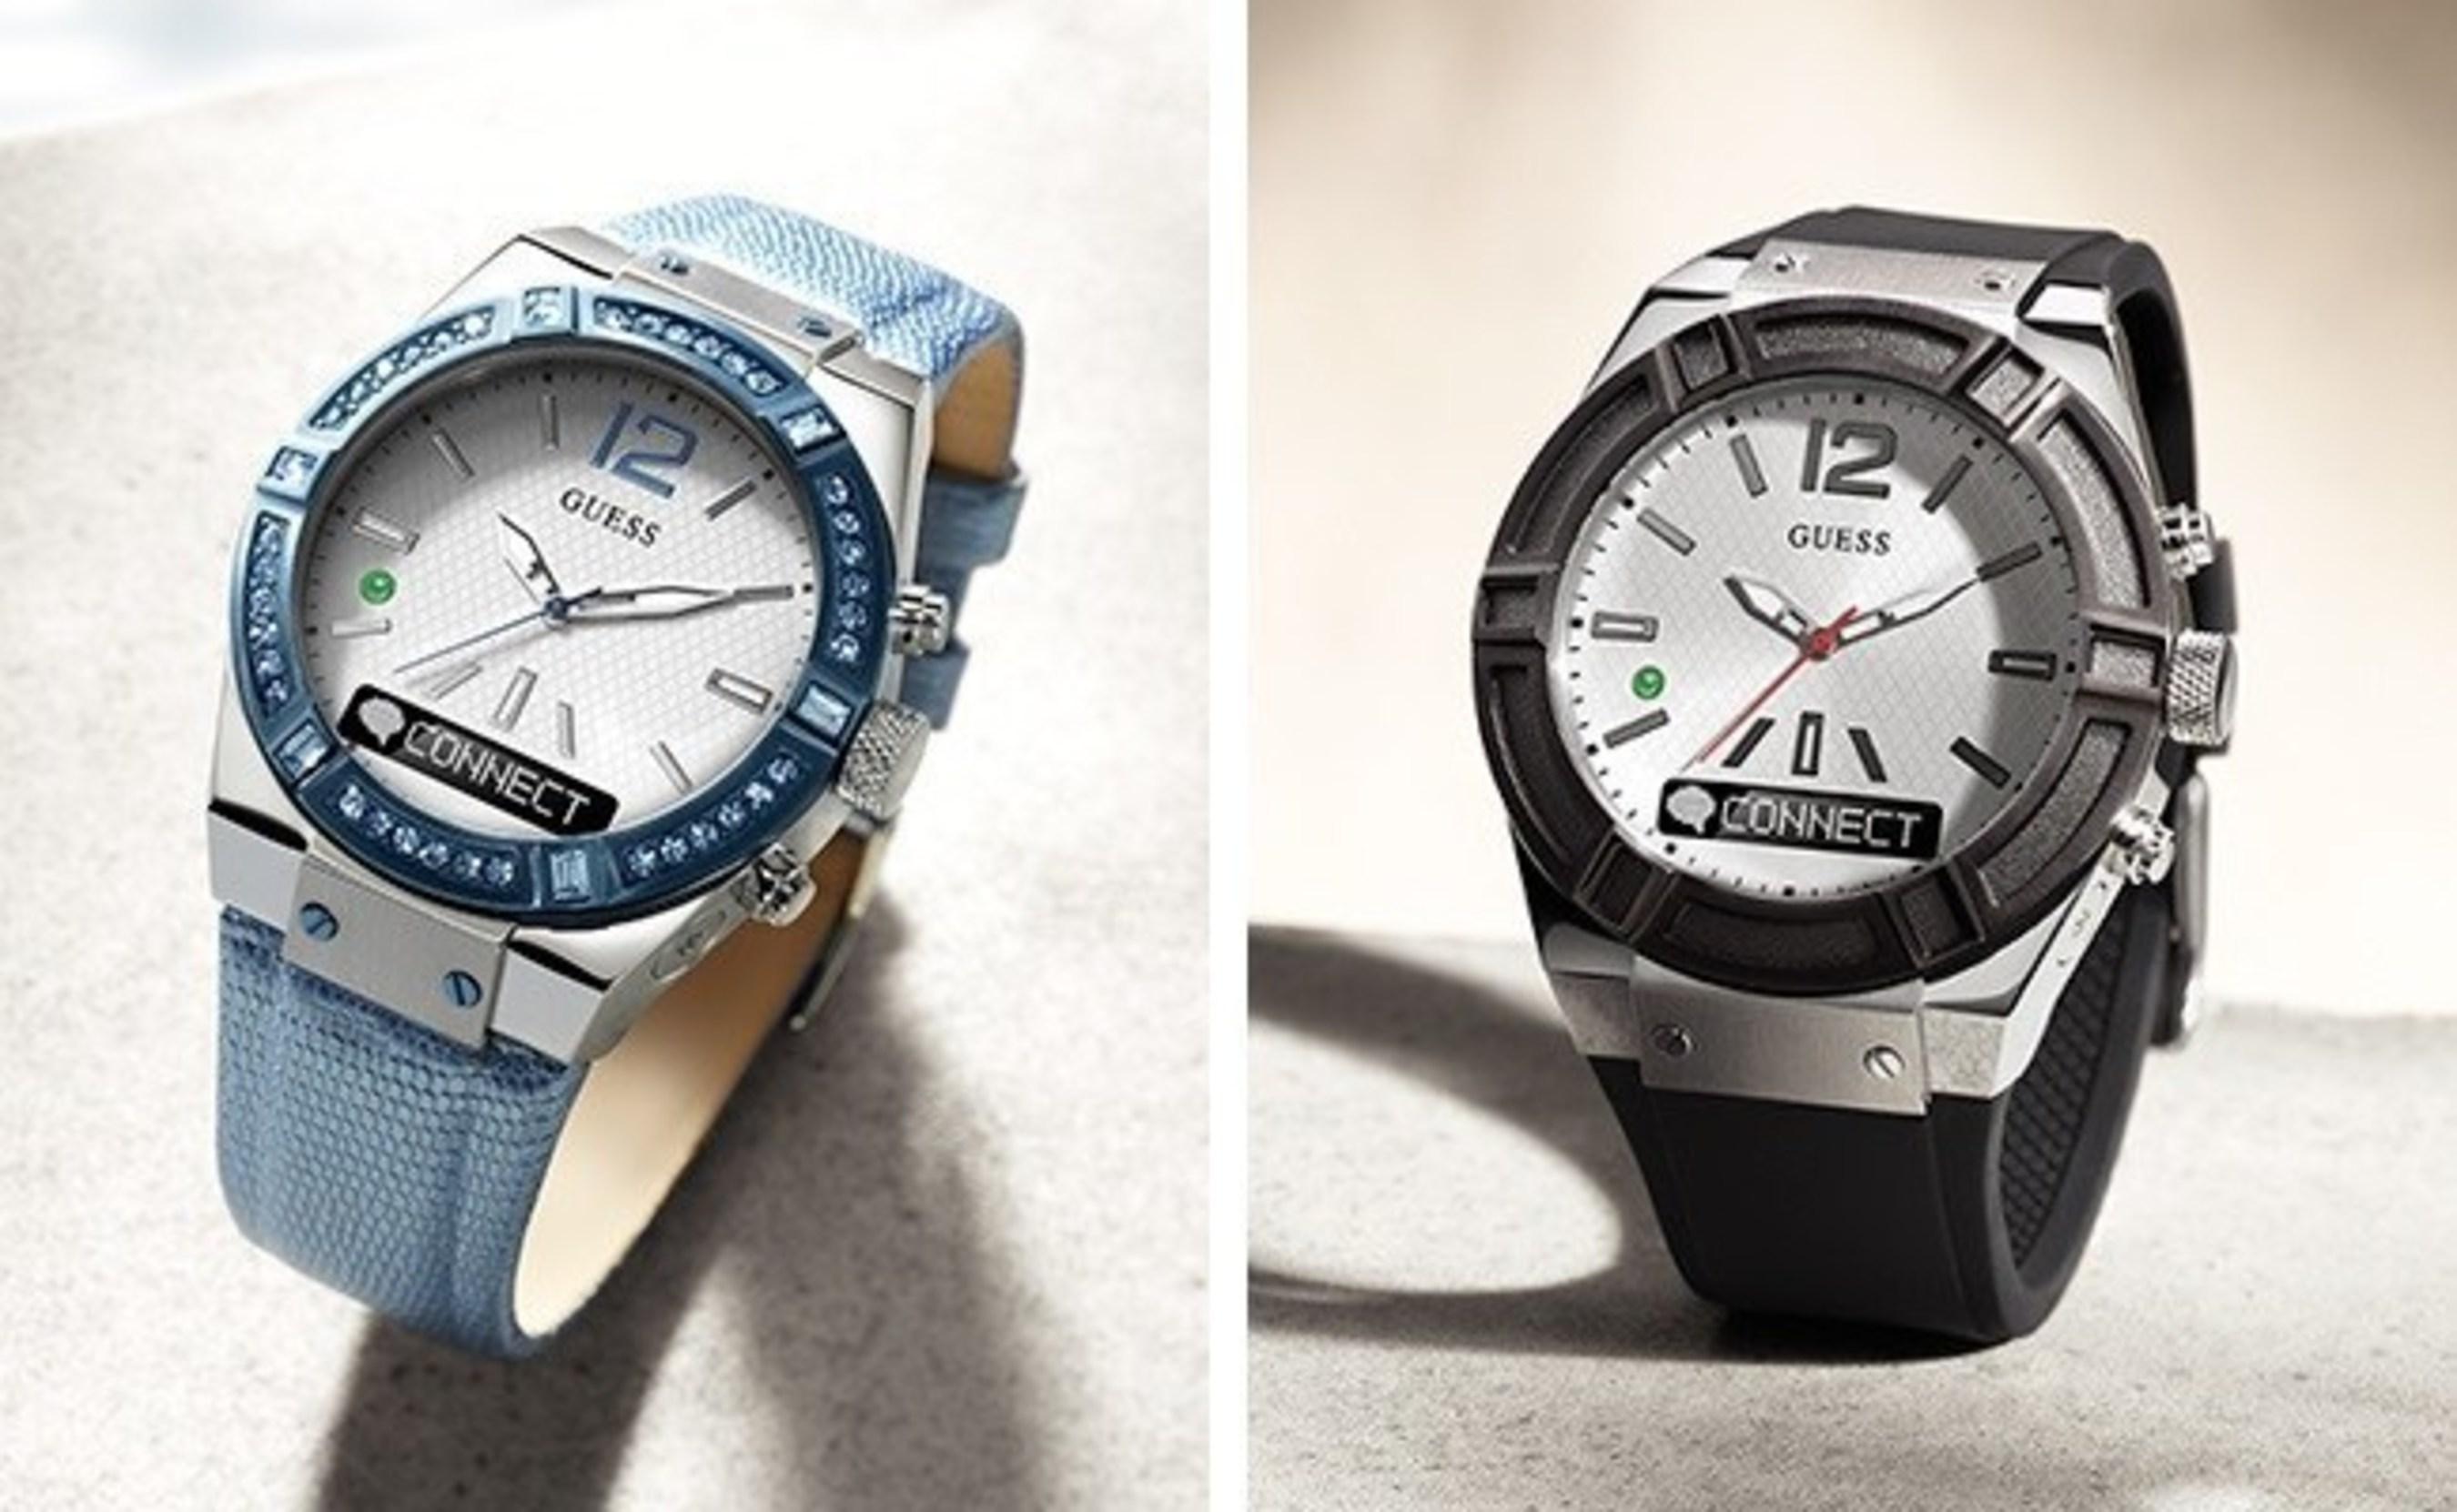 a224dfee356b0 Inteligentny zegarek GUESS CONNECT wprowadza świeżą kombinację kolorów w  sam raz na wiosnę